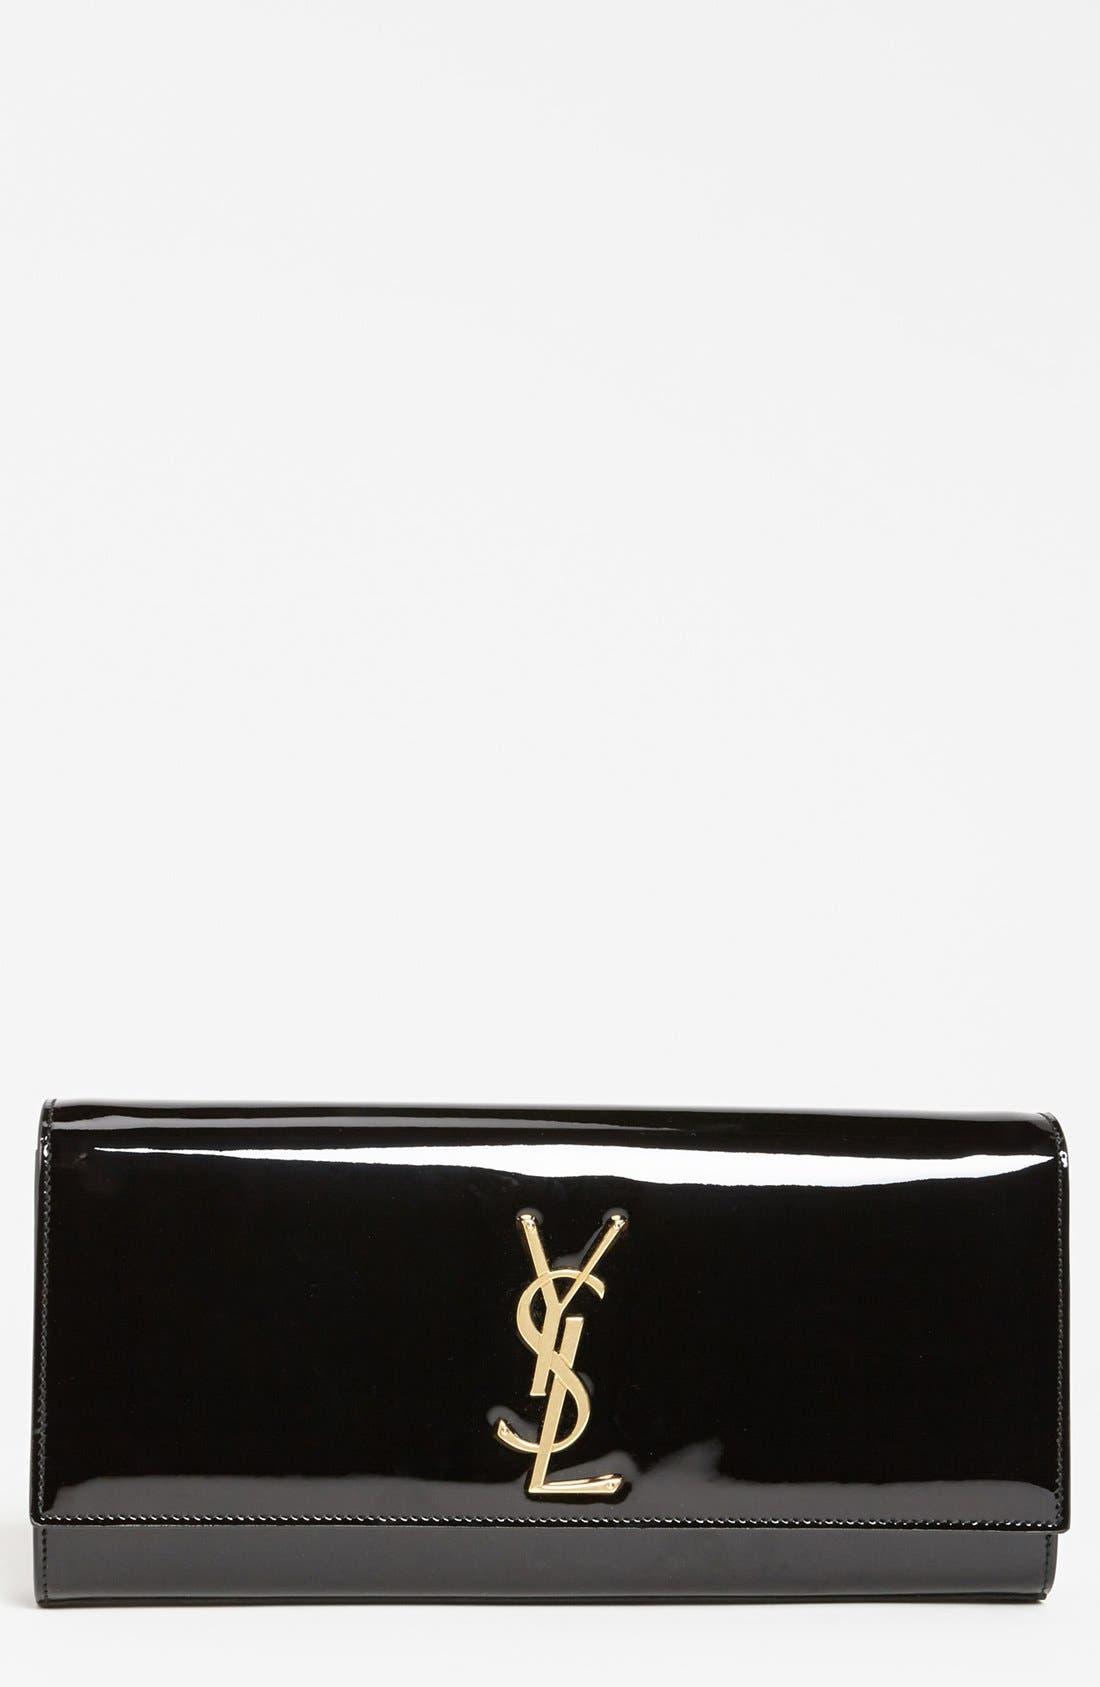 Alternate Image 1 Selected - Saint Laurent 'Cassandre - Laque' Leather Clutch